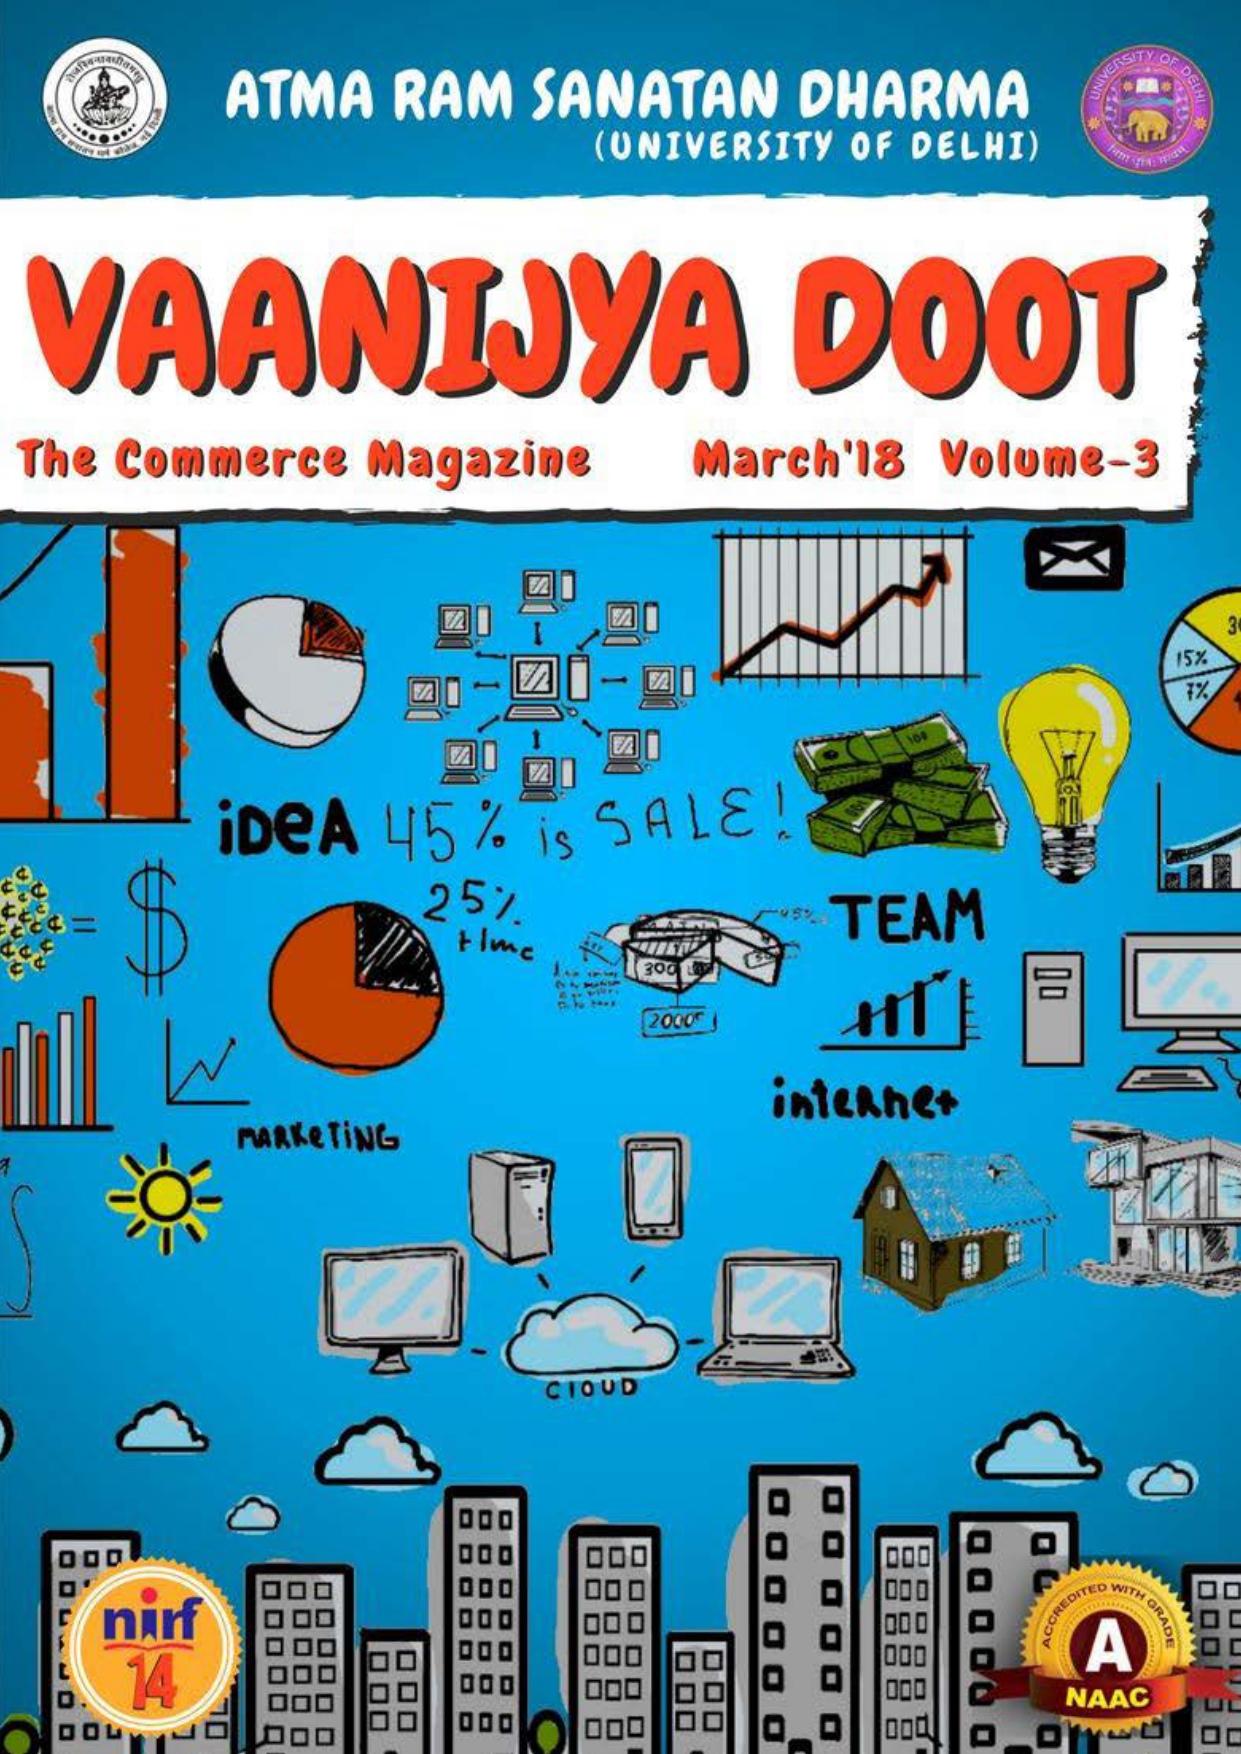 VanijayaDoot 2017-18